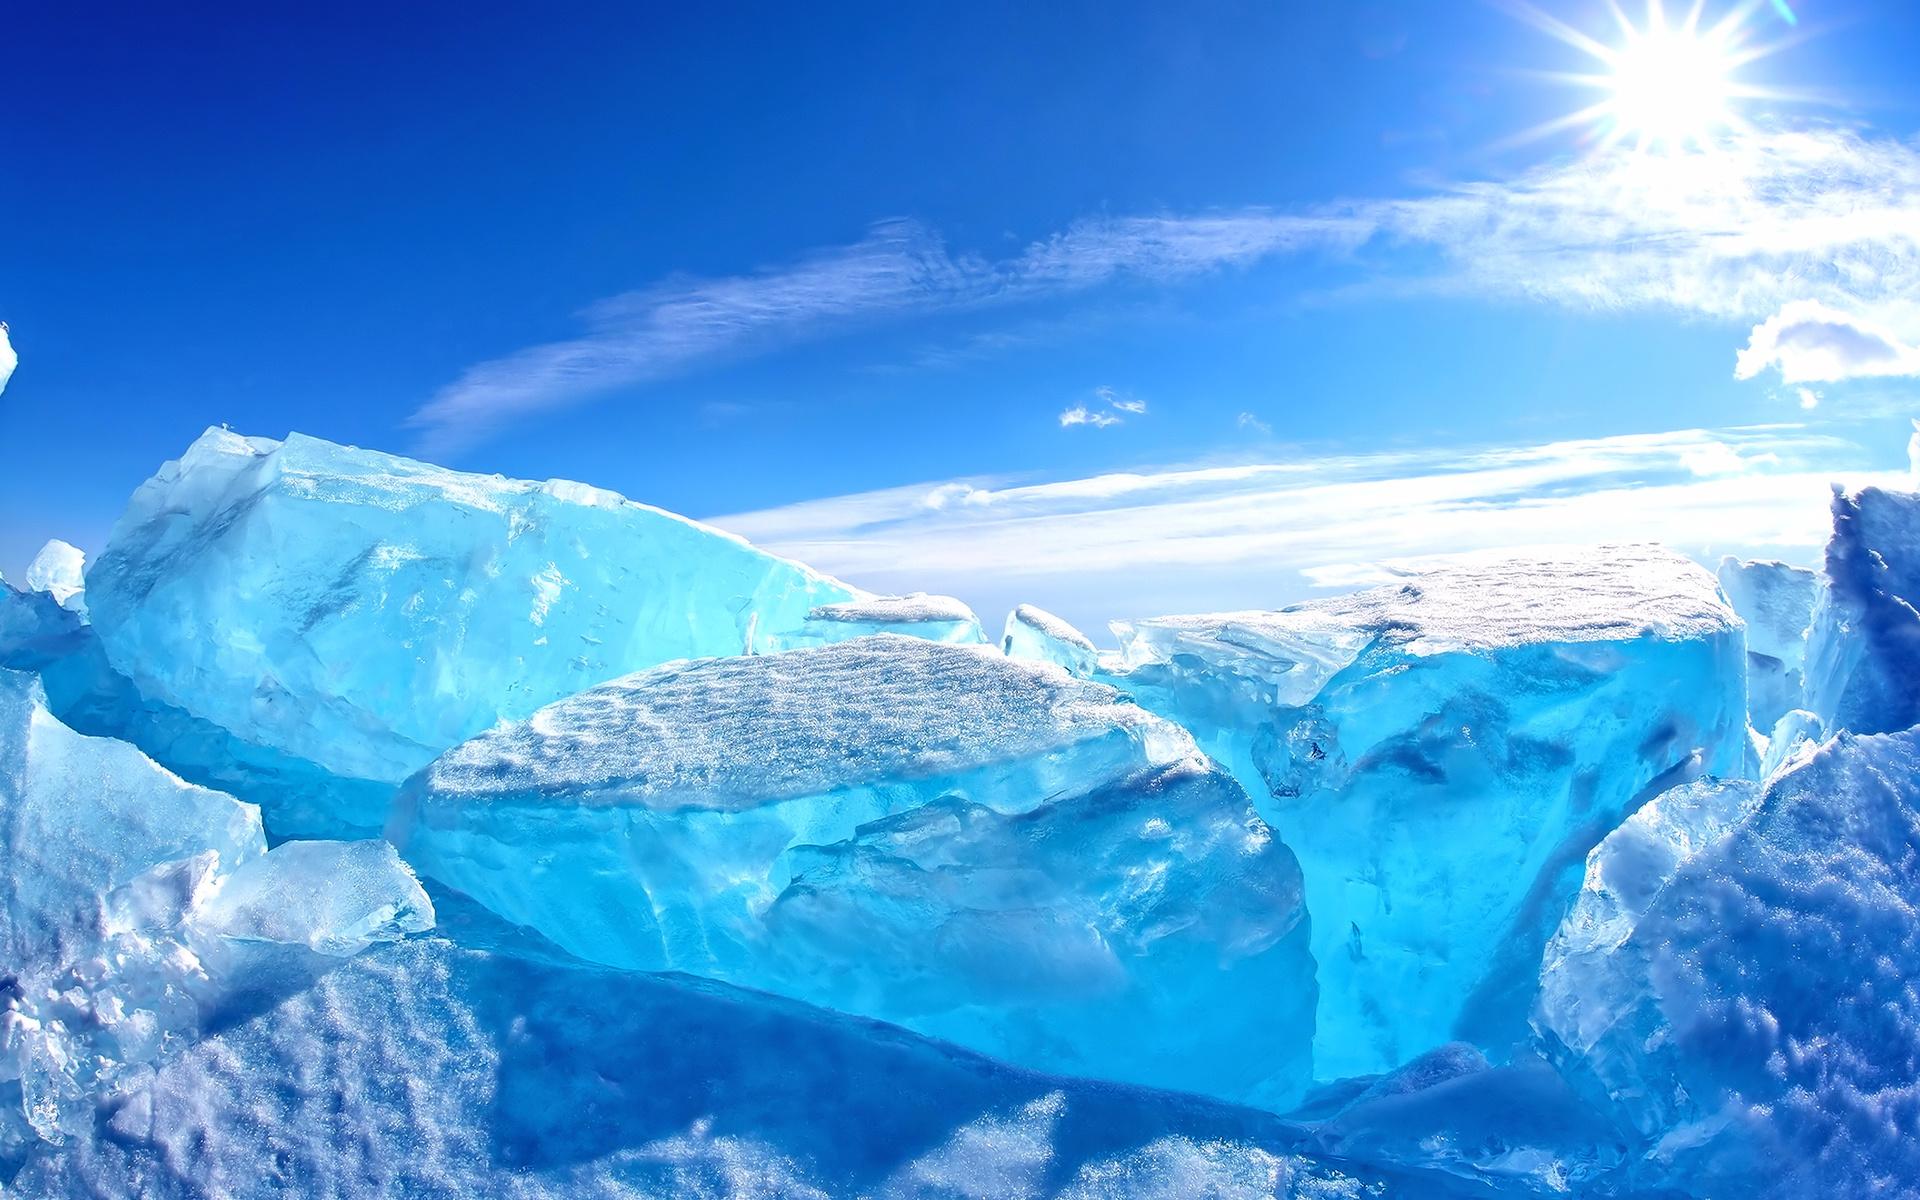 стиралки коридоре красивые картинки снега и льда начинающих вообще идеал